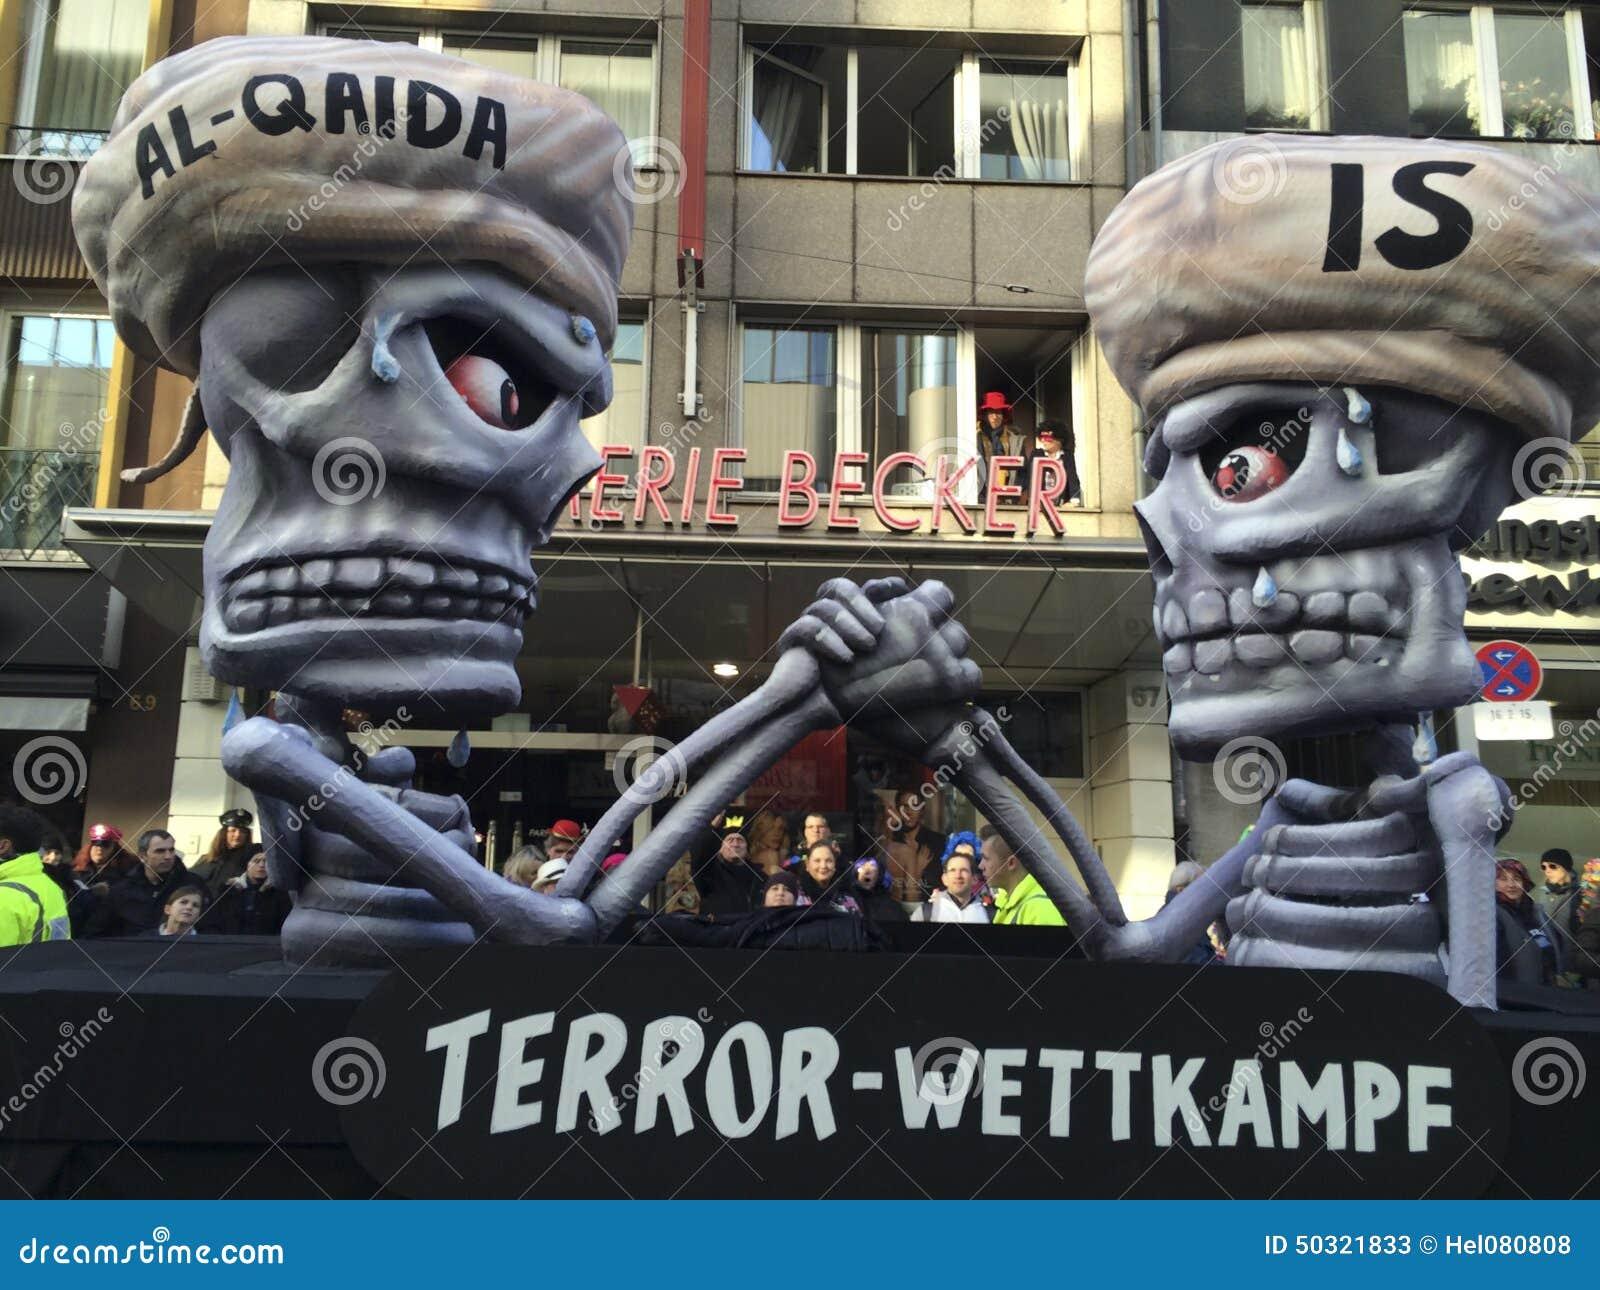 Charlie Hebdo - carnival in Dusseldorf